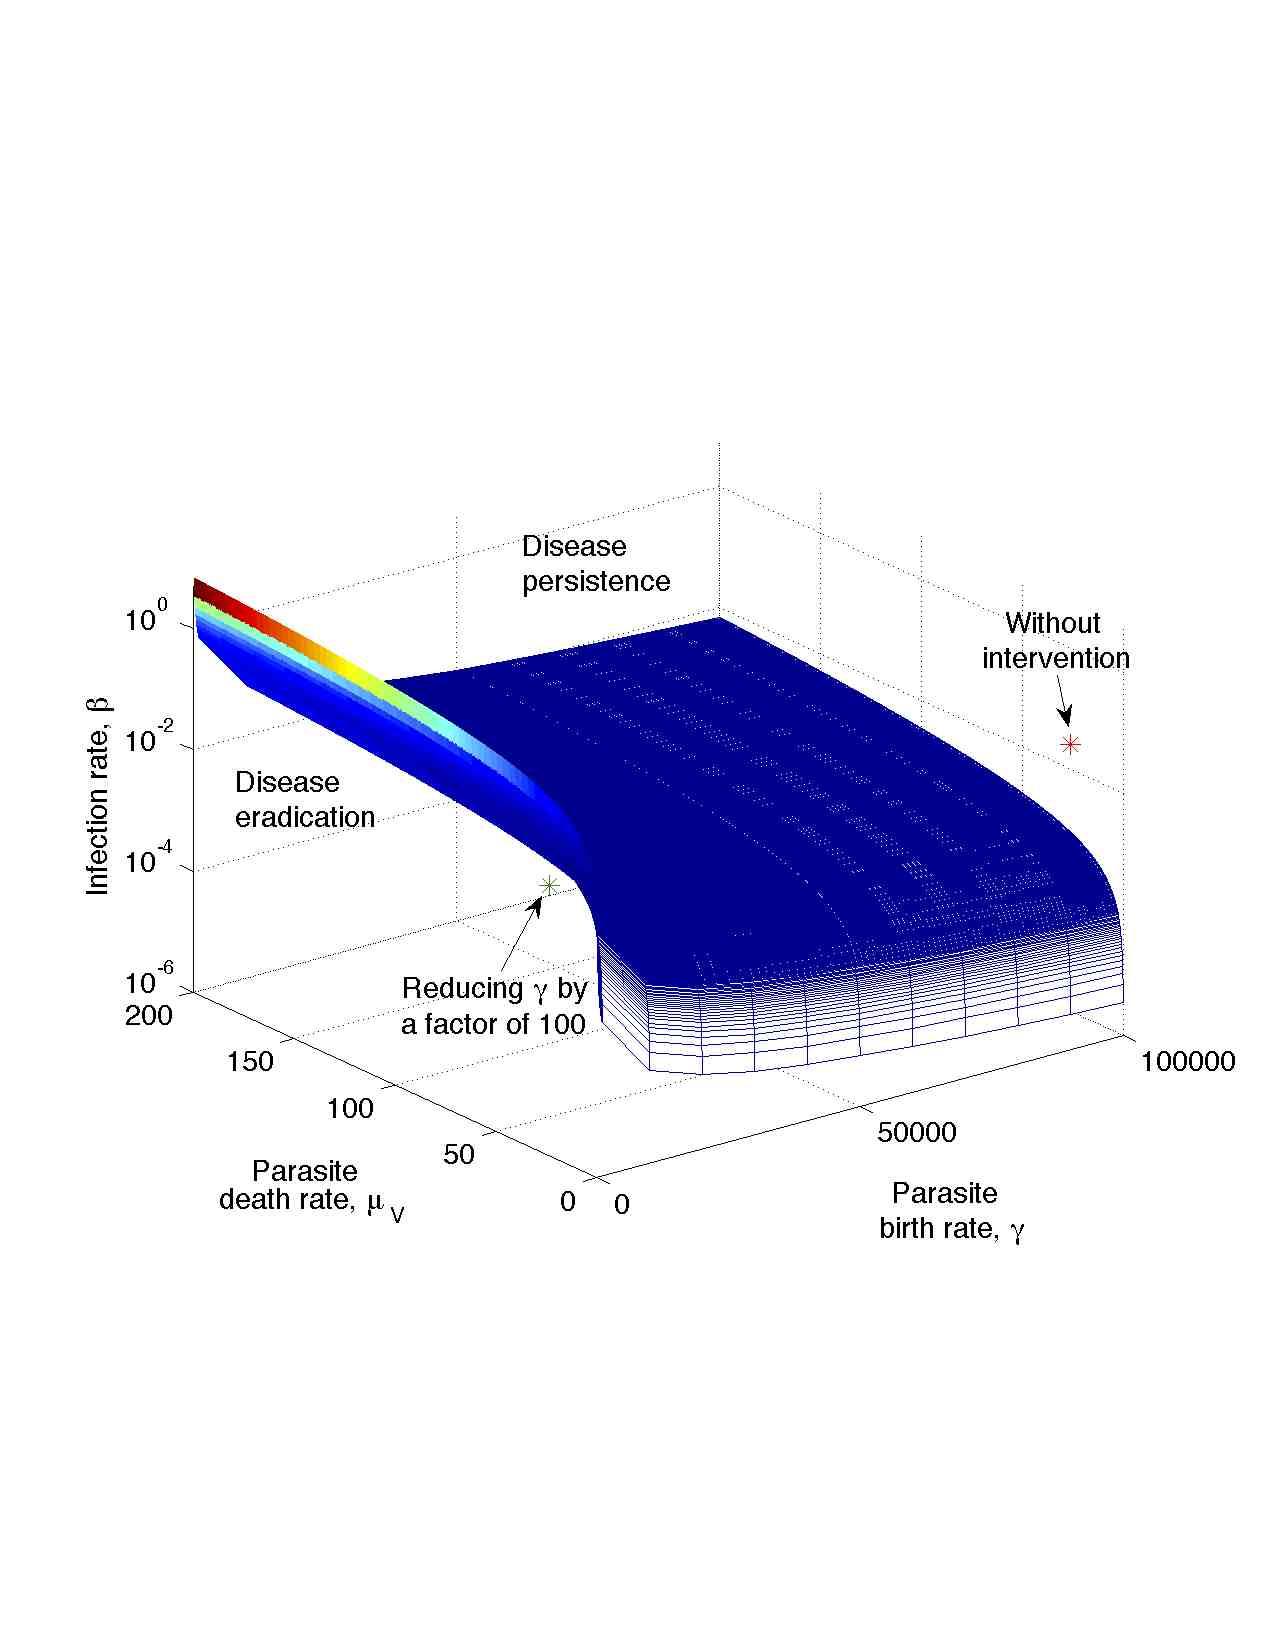 Using mathematical models to eradicate disease